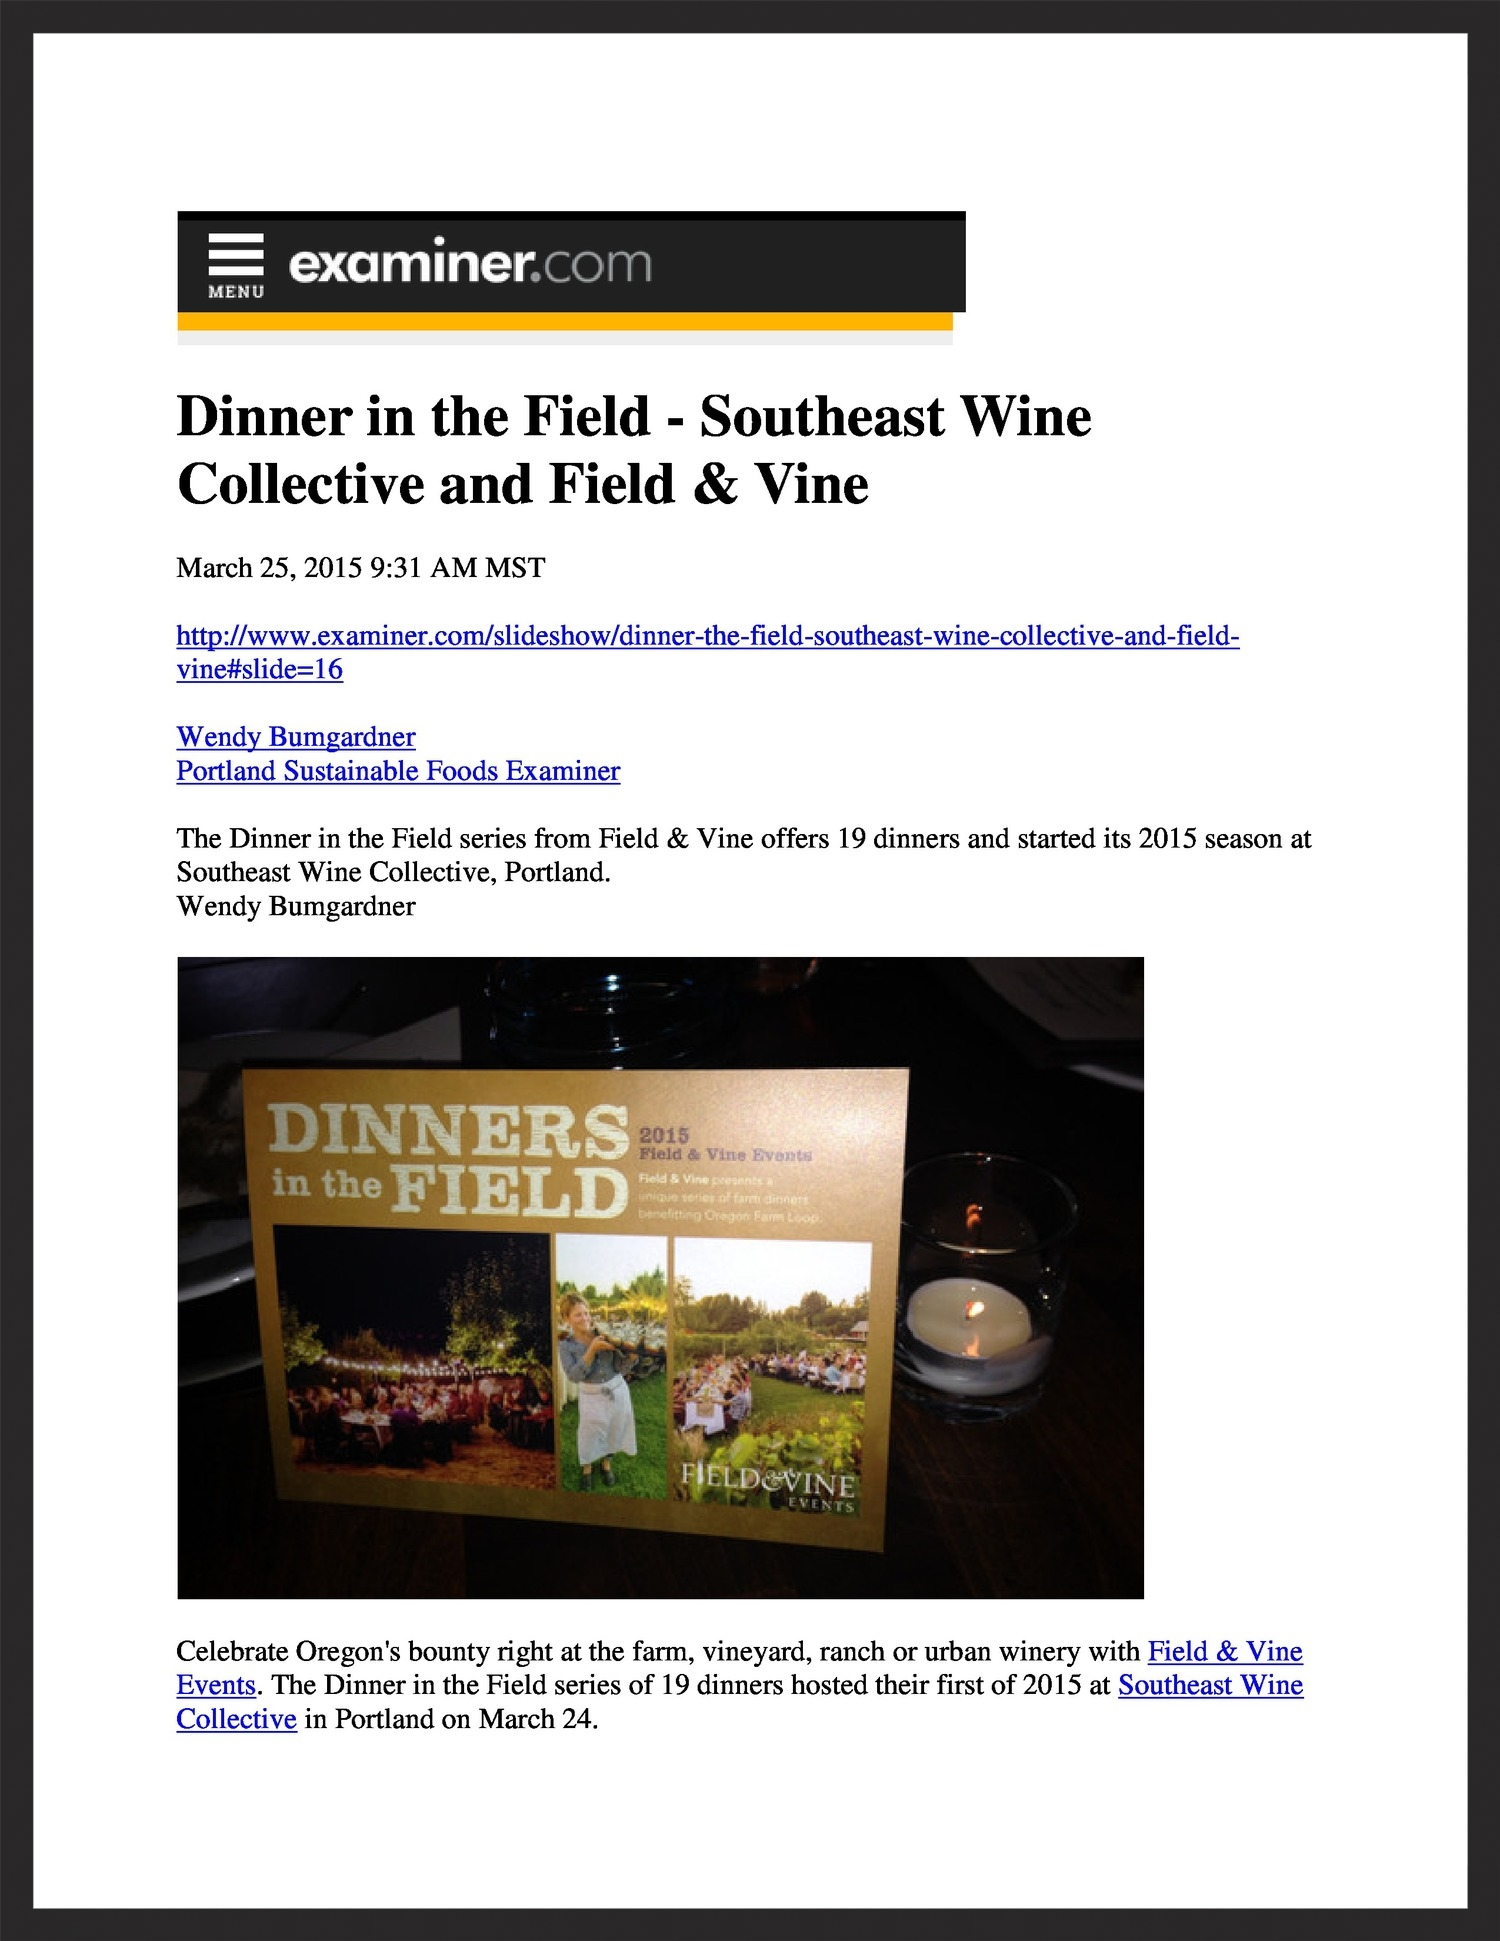 FIELD &VINE  Examiner.com  03.25.2015